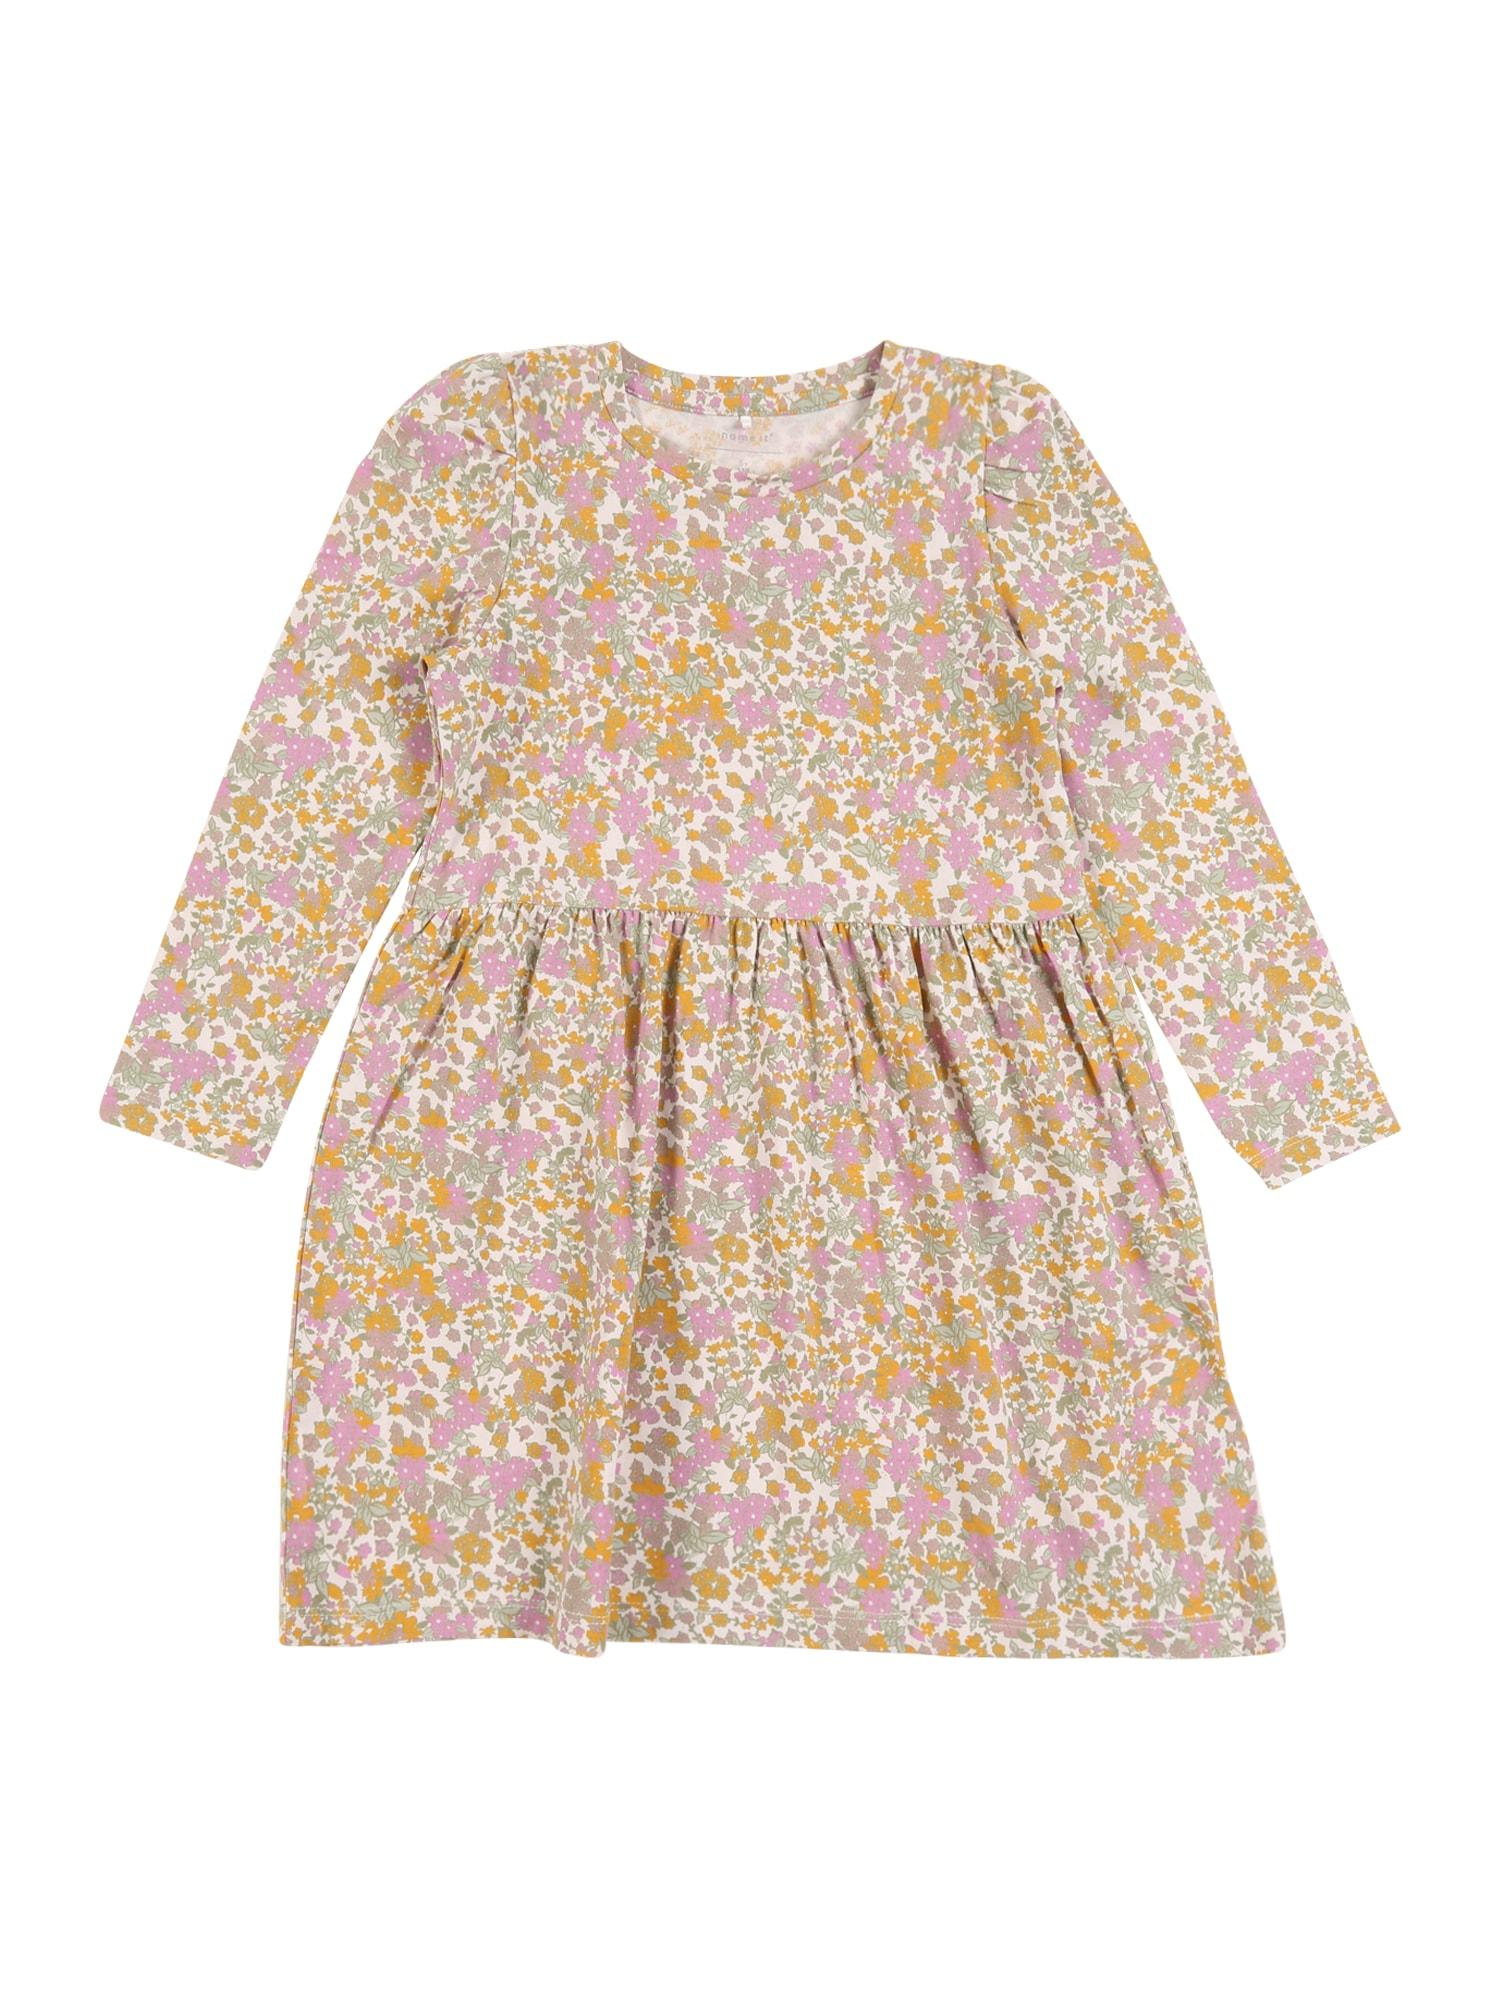 NAME IT Suknelė 'FLOW' rožių spalva / ryškiai rožinė spalva / geltona